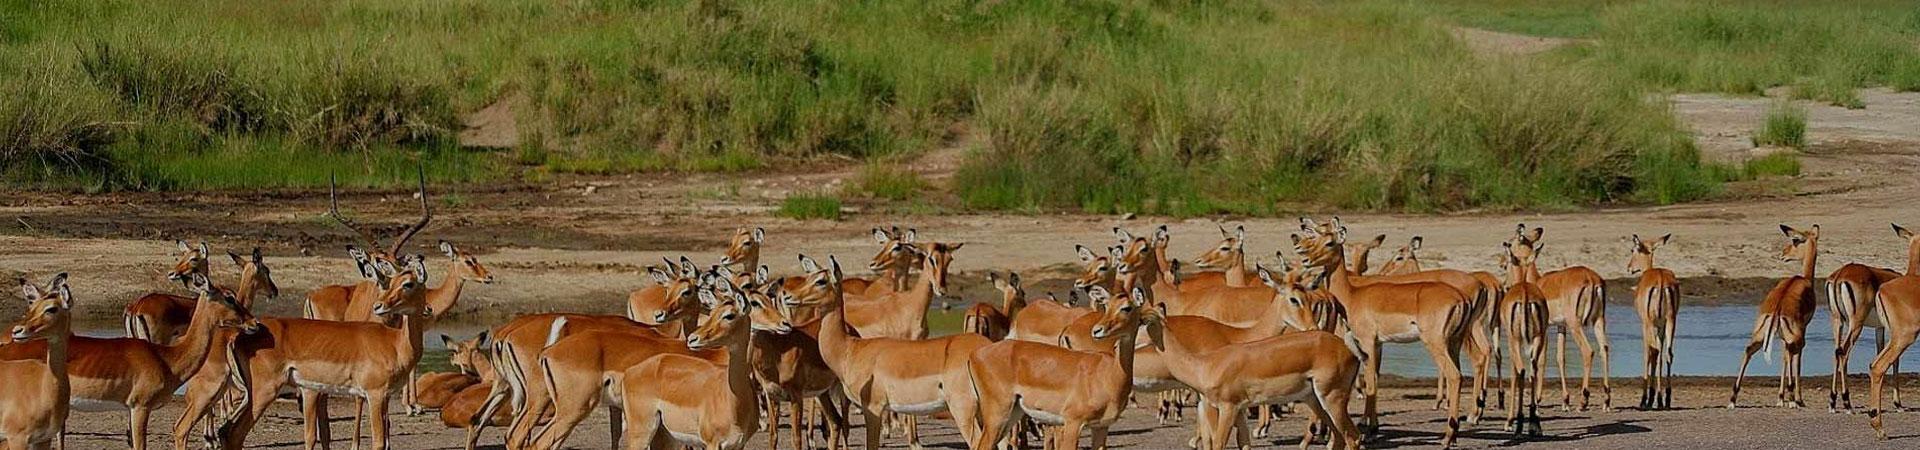 Arusha-National-Park-Gazelle